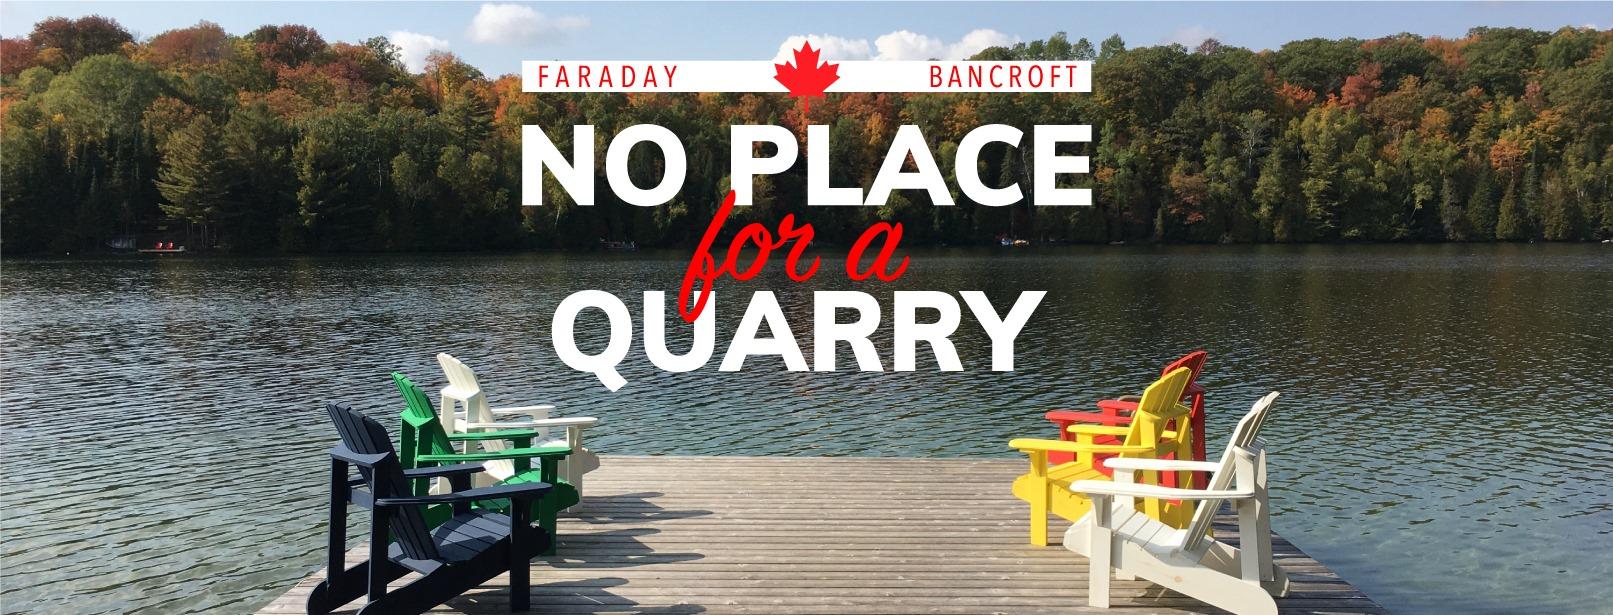 No Place for a Quarry